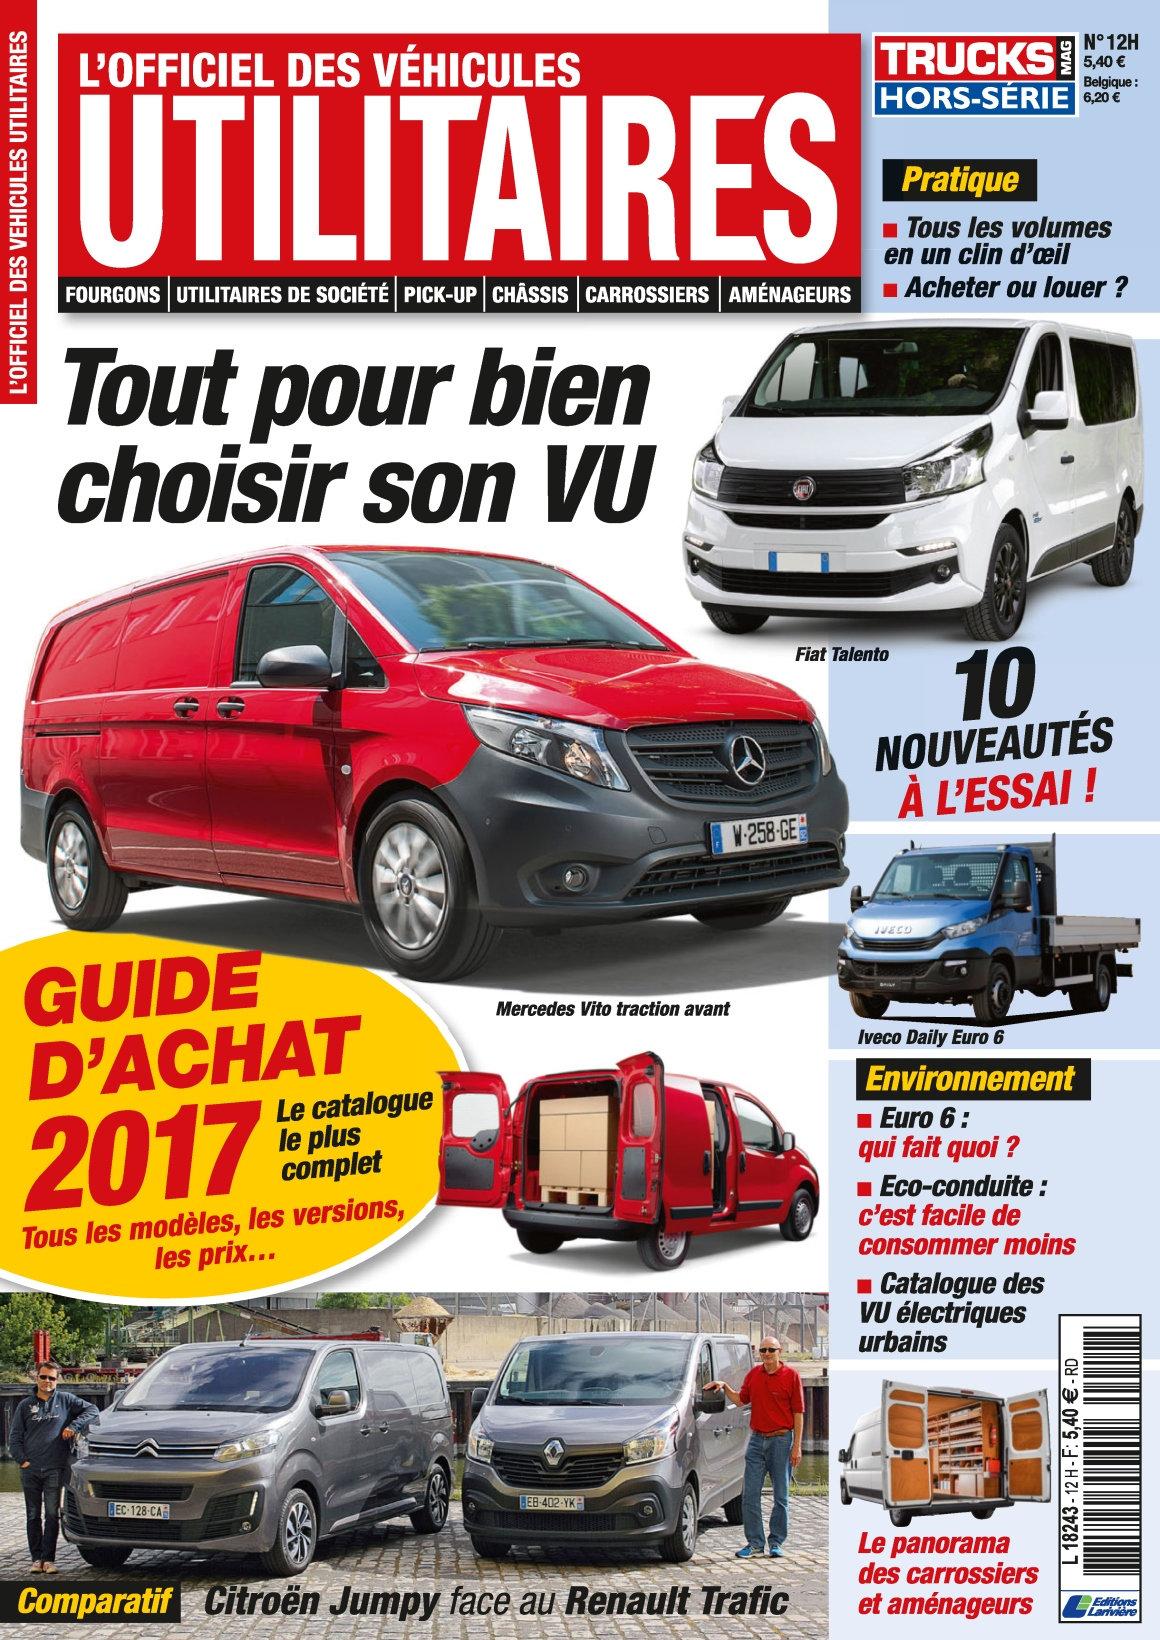 Trucks Mag Hors Série N°12 - Guide D achat 2017